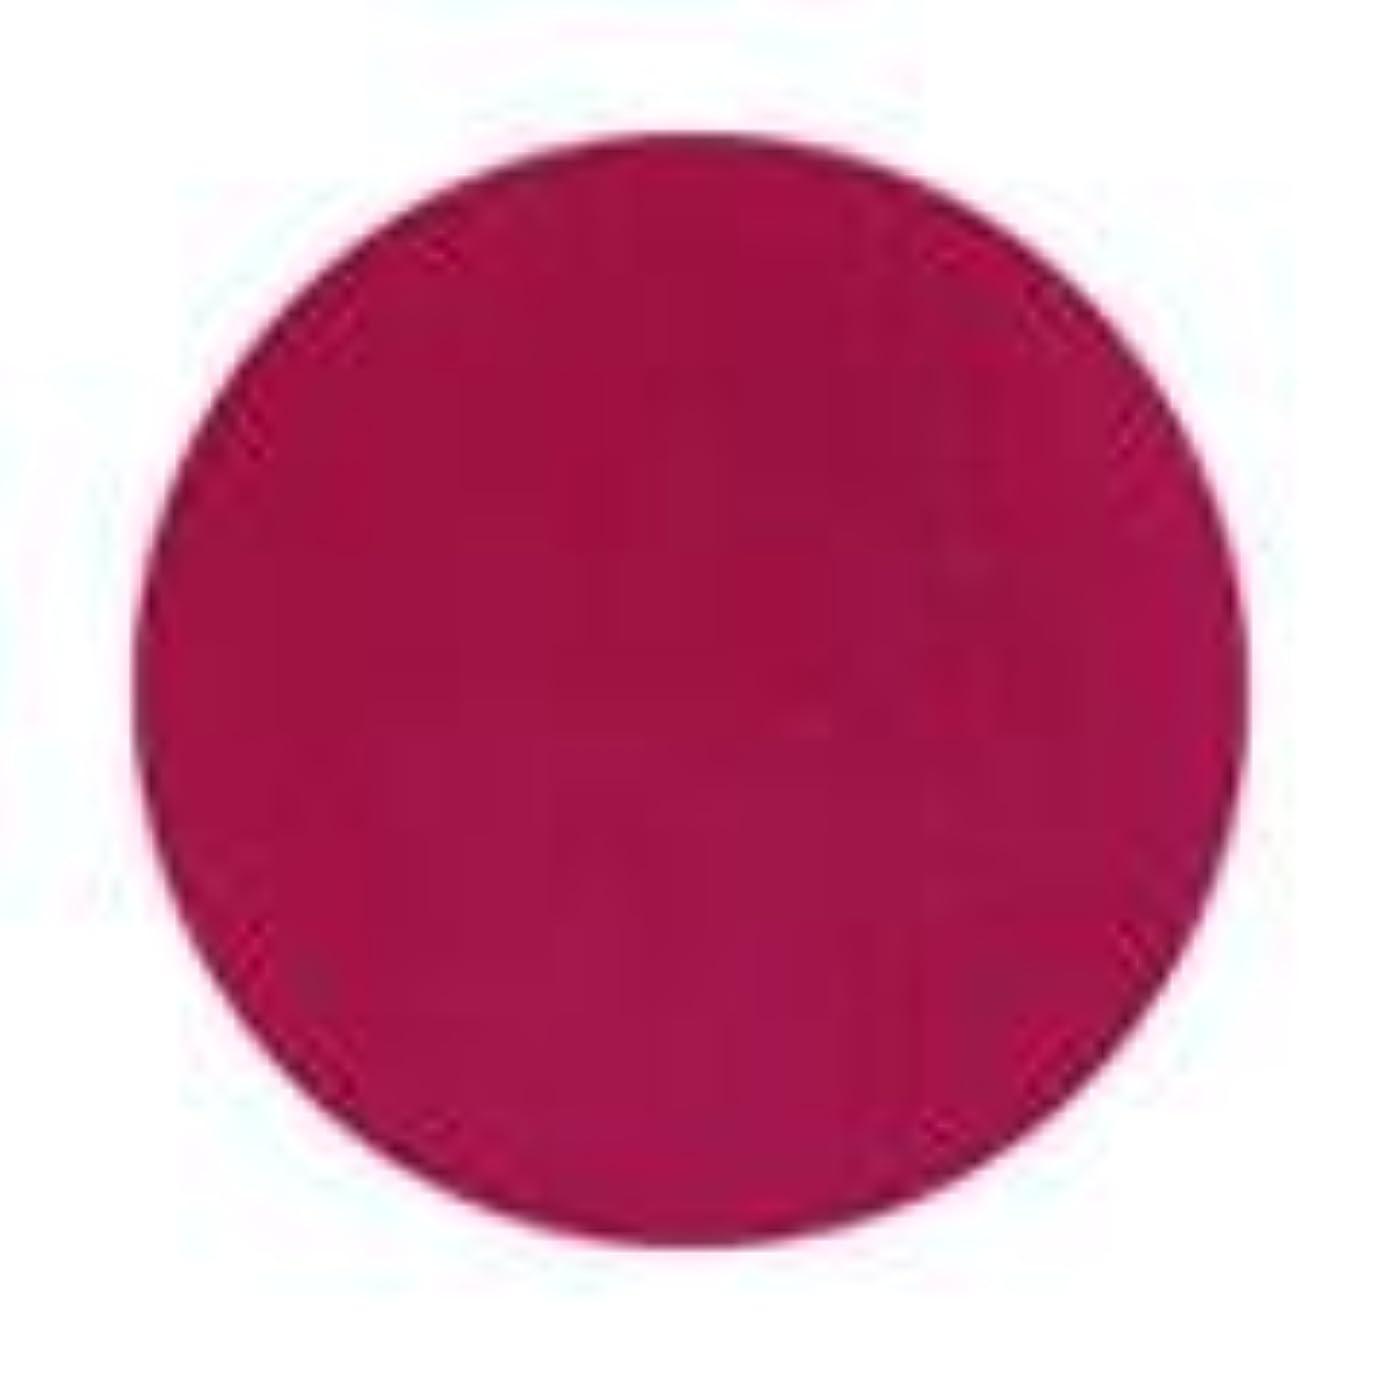 インカ帝国村悲惨なJessica ジェレレーション カラー 15ml  950 ワイルドベリーズ